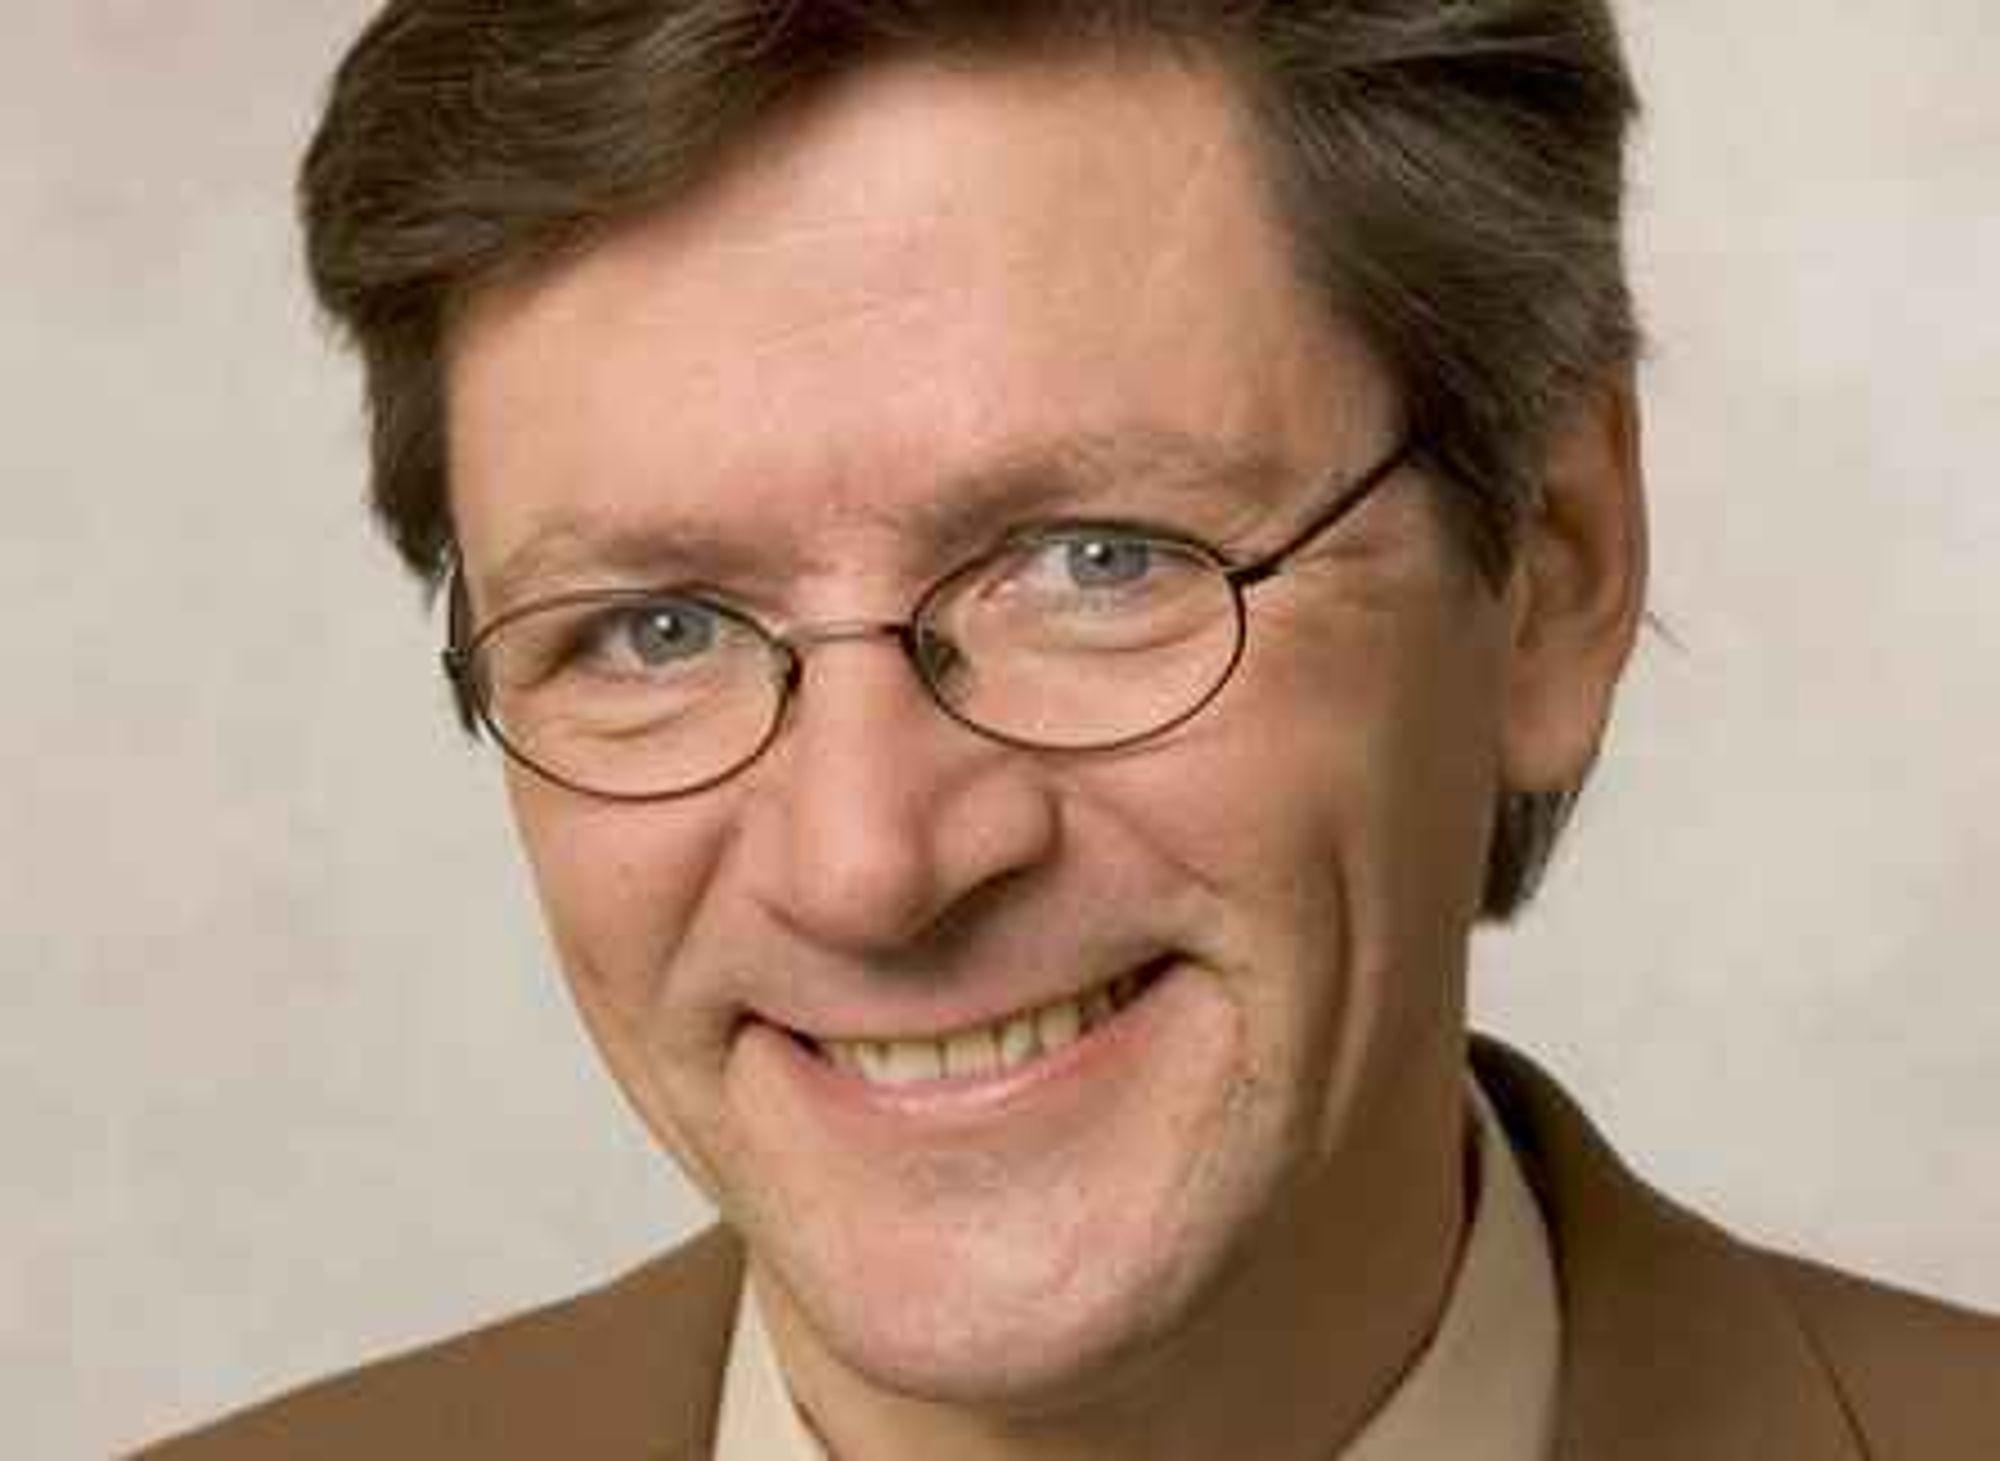 IKKE LIKE HAPPY: Daglig leder Tom-Ivar Bern i Technoport er irritert over avlysningene av de tre IT-konferansene. Han mener dette skader Technoport Festivalen.